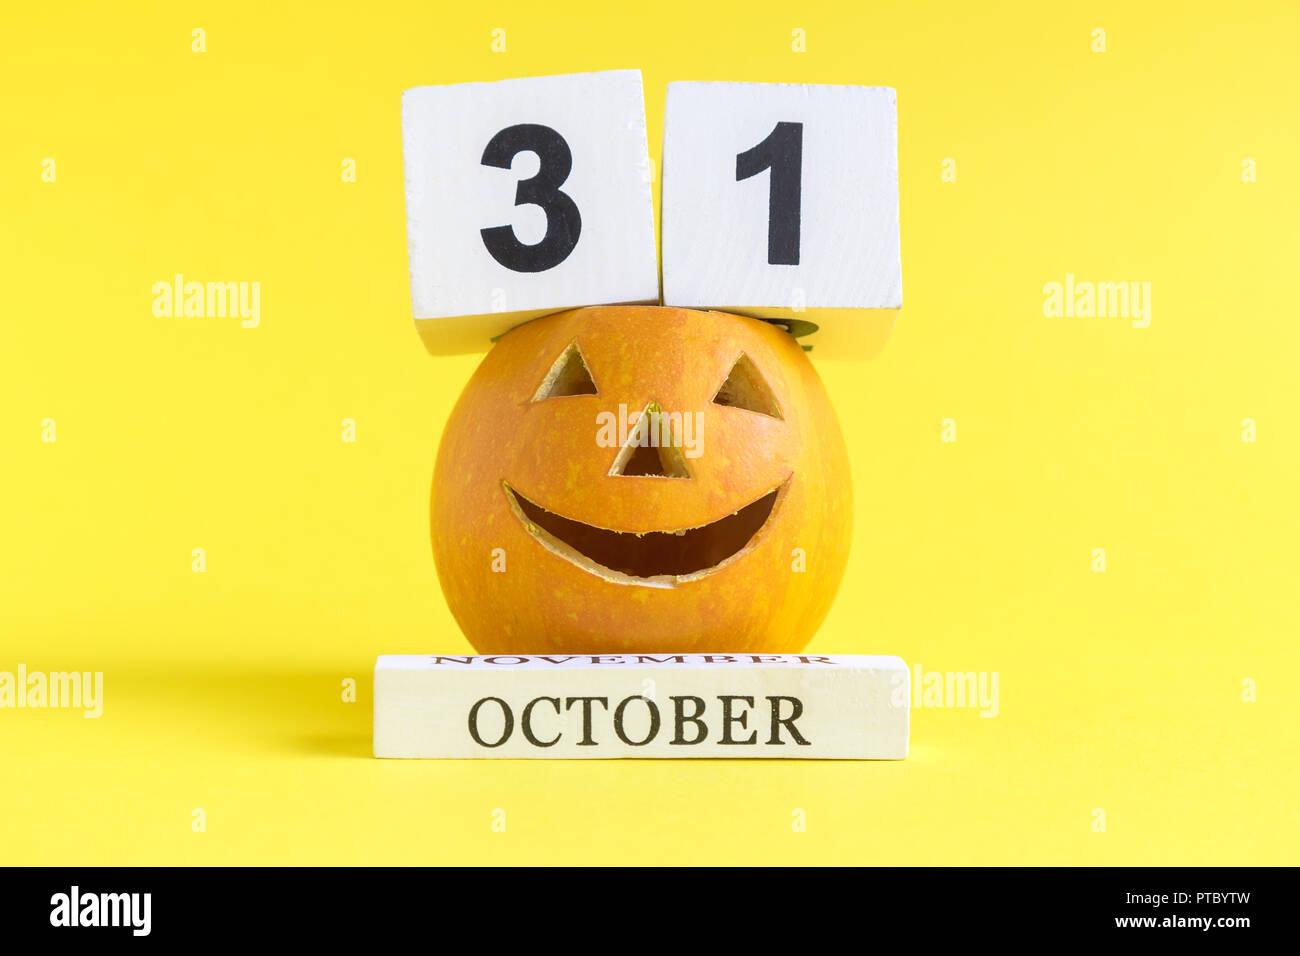 Data Di Halloween.Zucca Di Halloween Calendario Vacanze Data Contro Sfondo Giallo